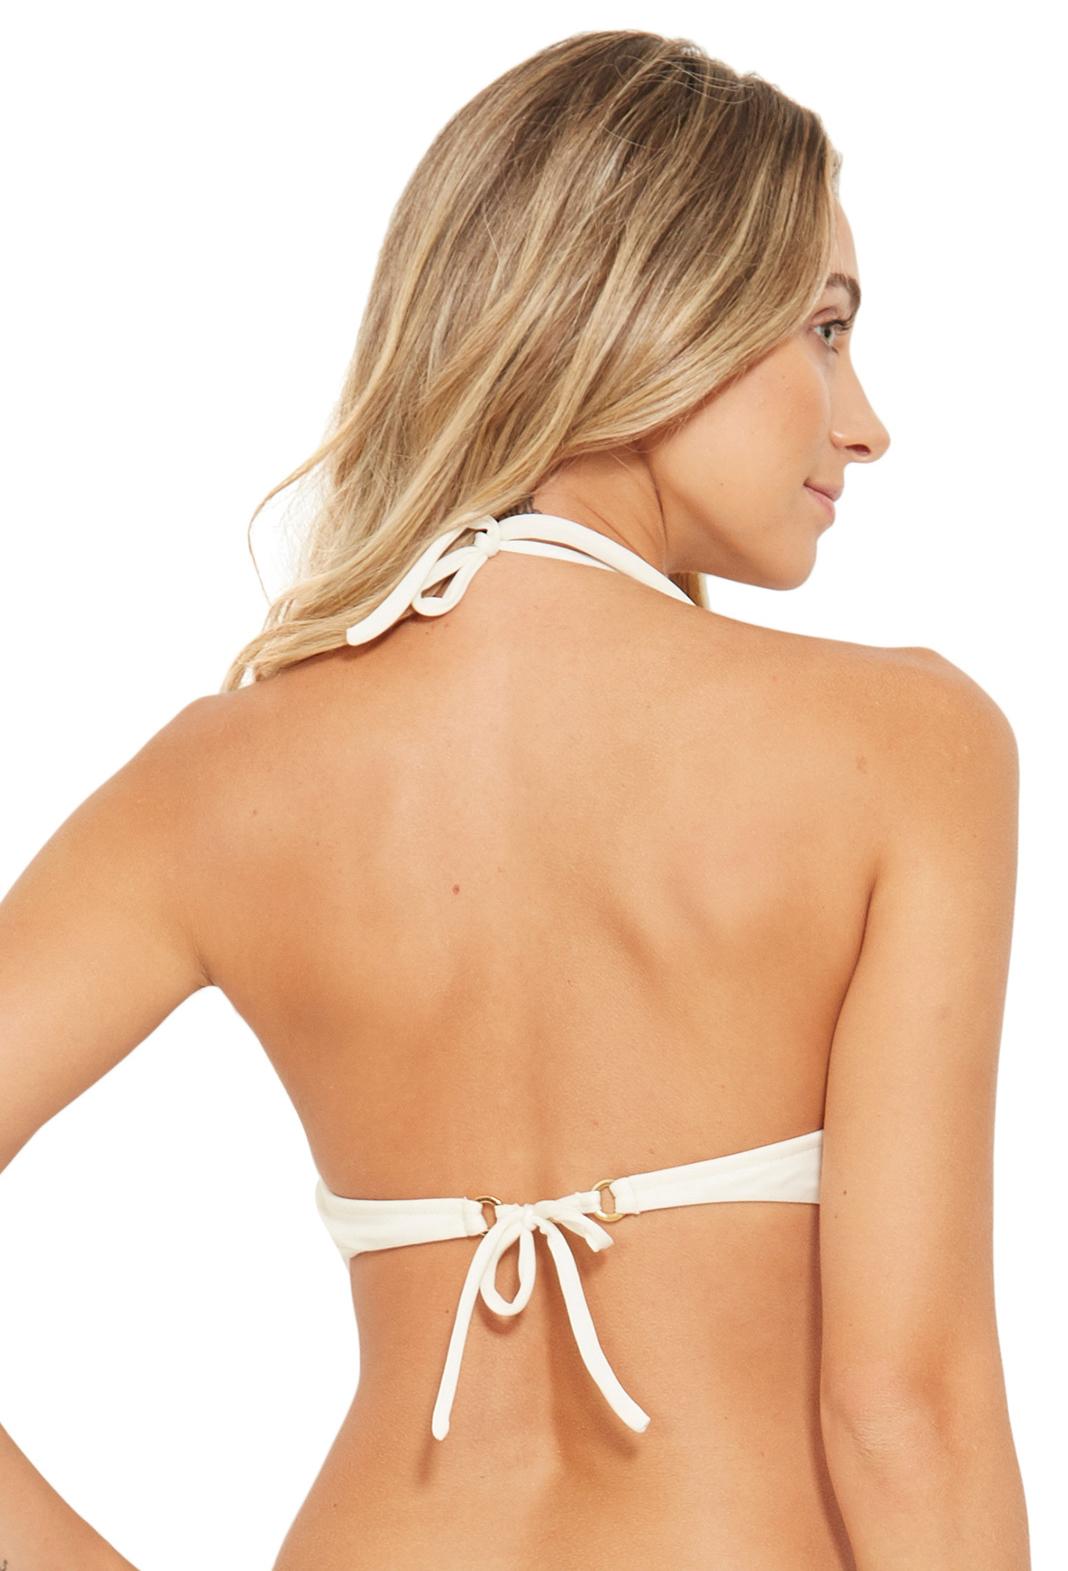 a9279e77b32 Bikini Tops Bra Bikini Top With Twisted Effect - Top Areal Cru Perola